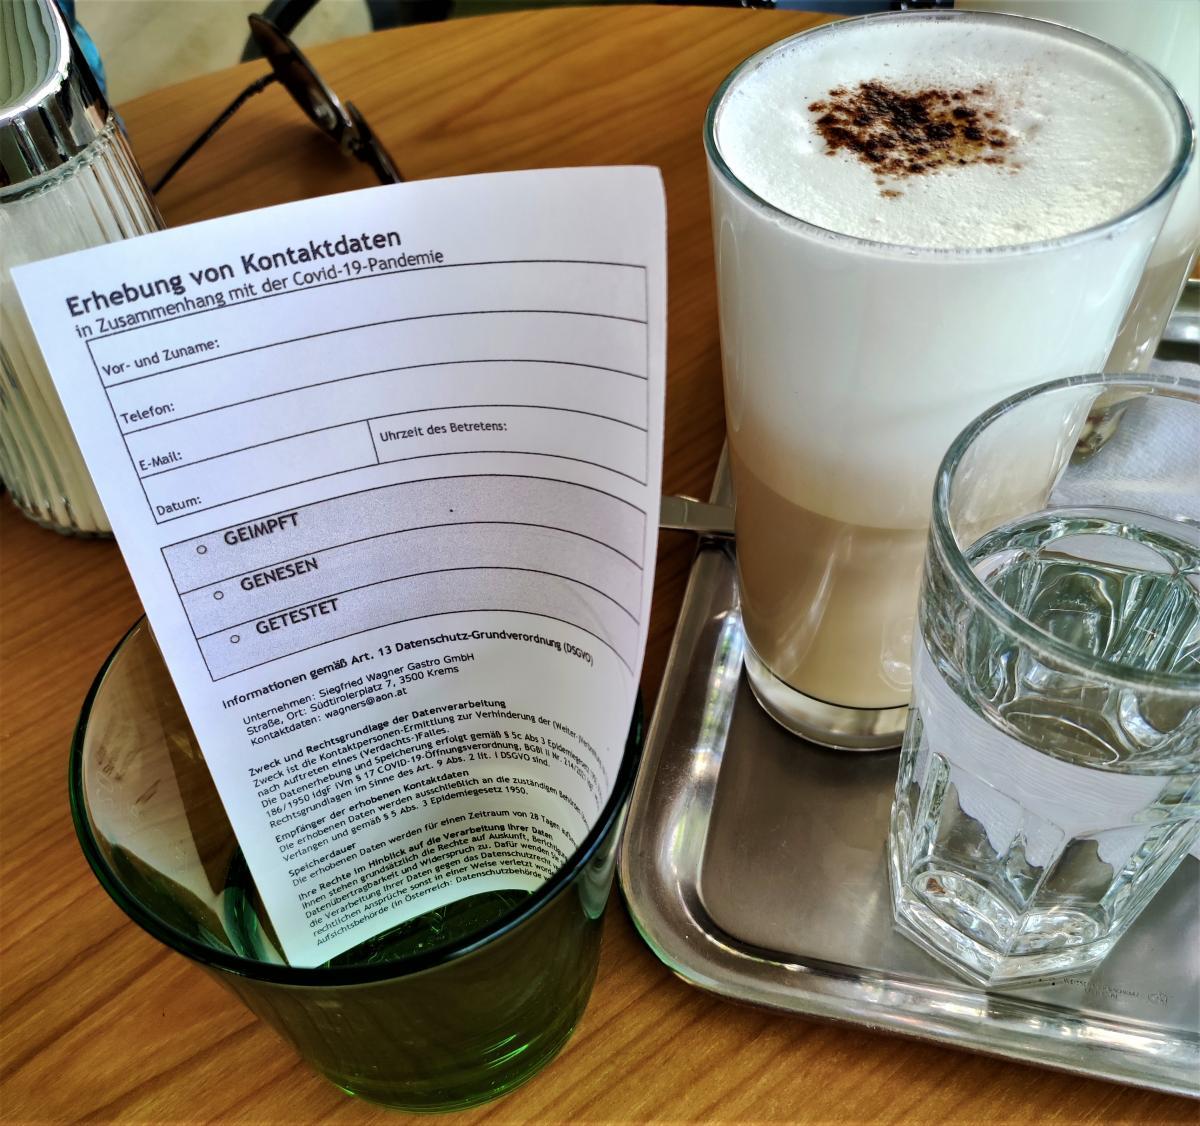 Ось такі форми можуть попросити заповнити в австрійських ресторанах / фото Марина Григоренко